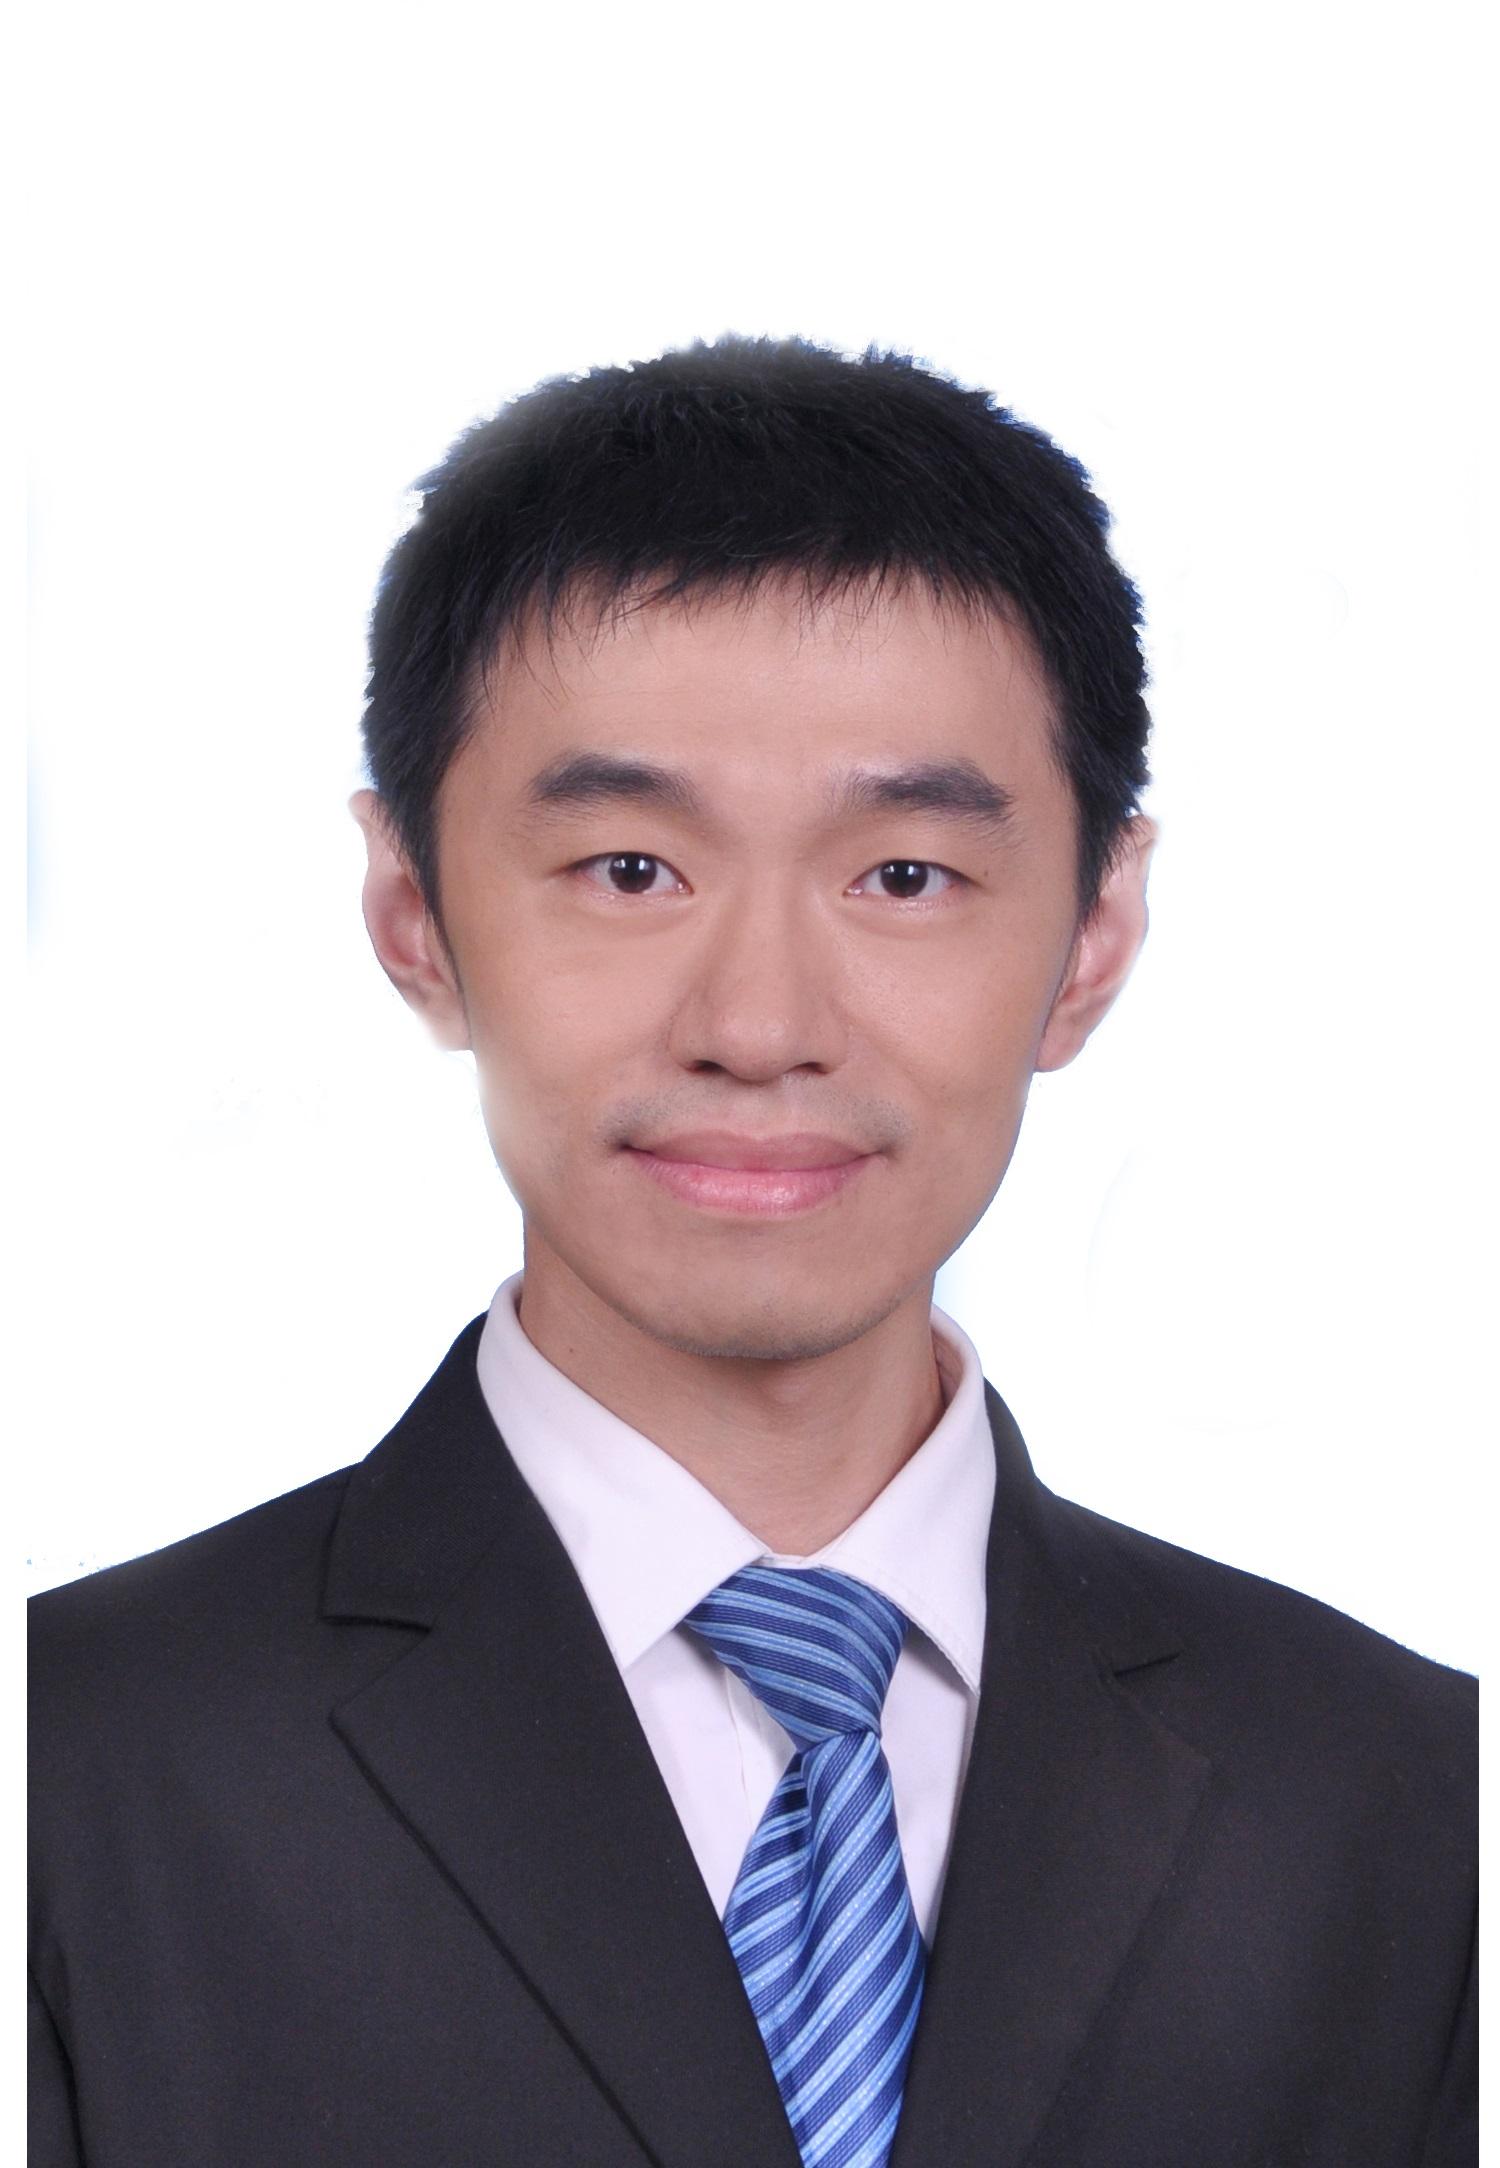 Dr. Wang Haidong